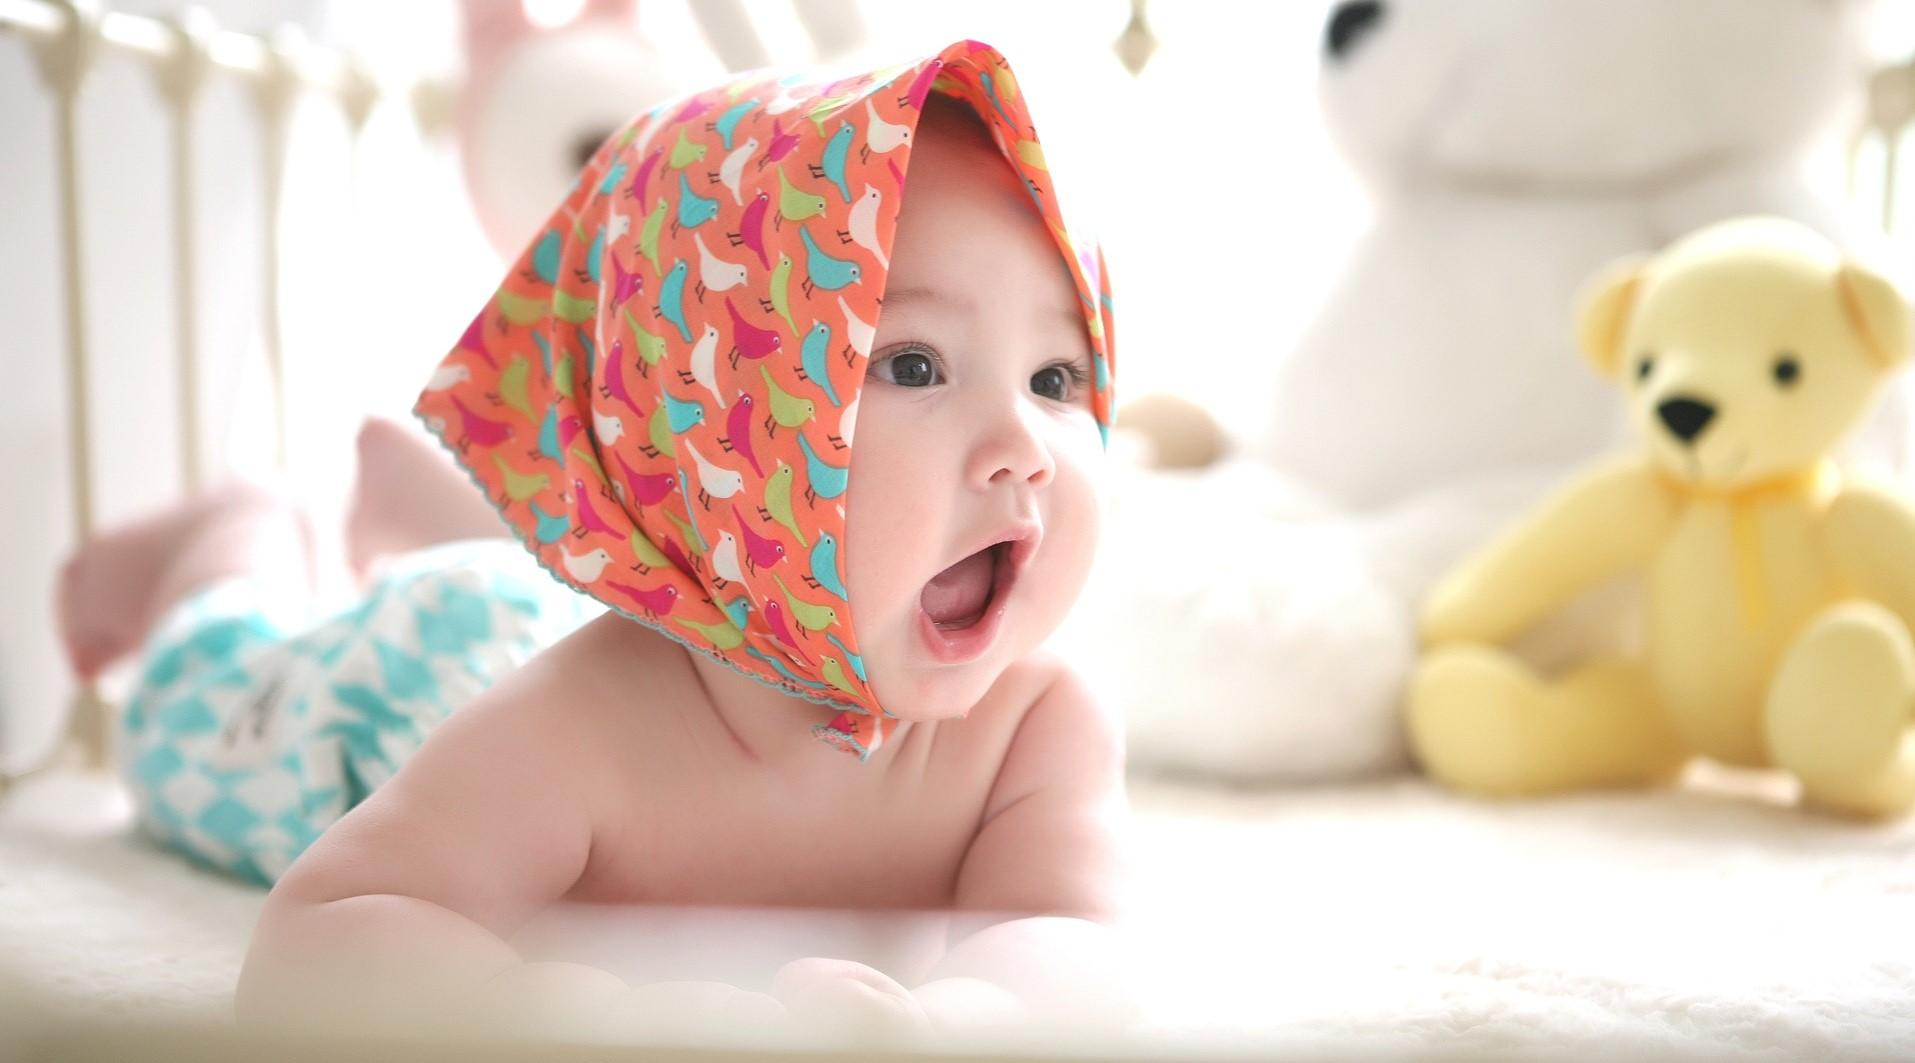 Soll ich mein Baby impfen lassen?